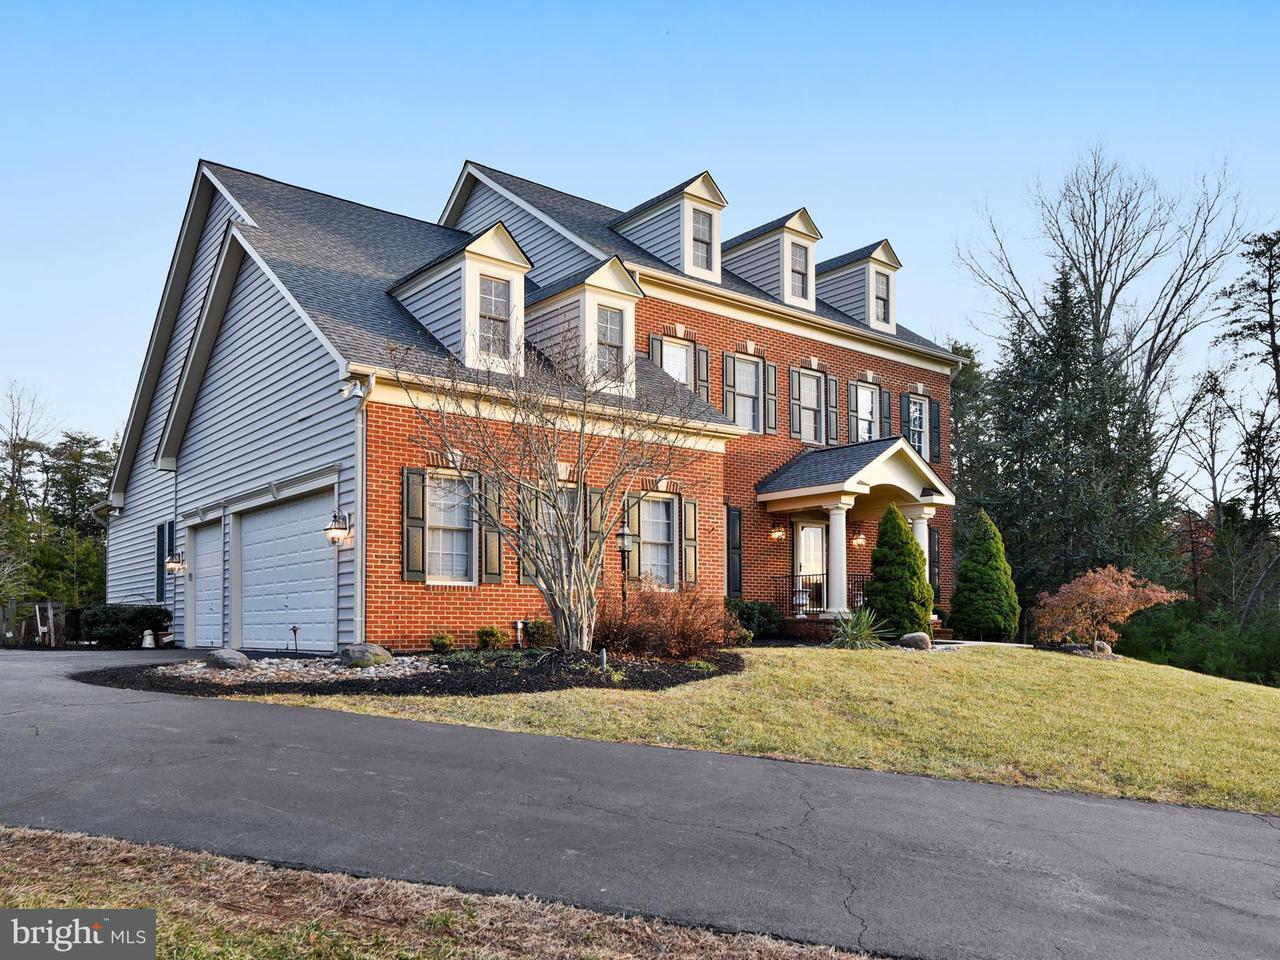 단독 가정 주택 용 매매 에 42849 Iron Bit Place 42849 Iron Bit Place Chantilly, 버지니아 20152 미국